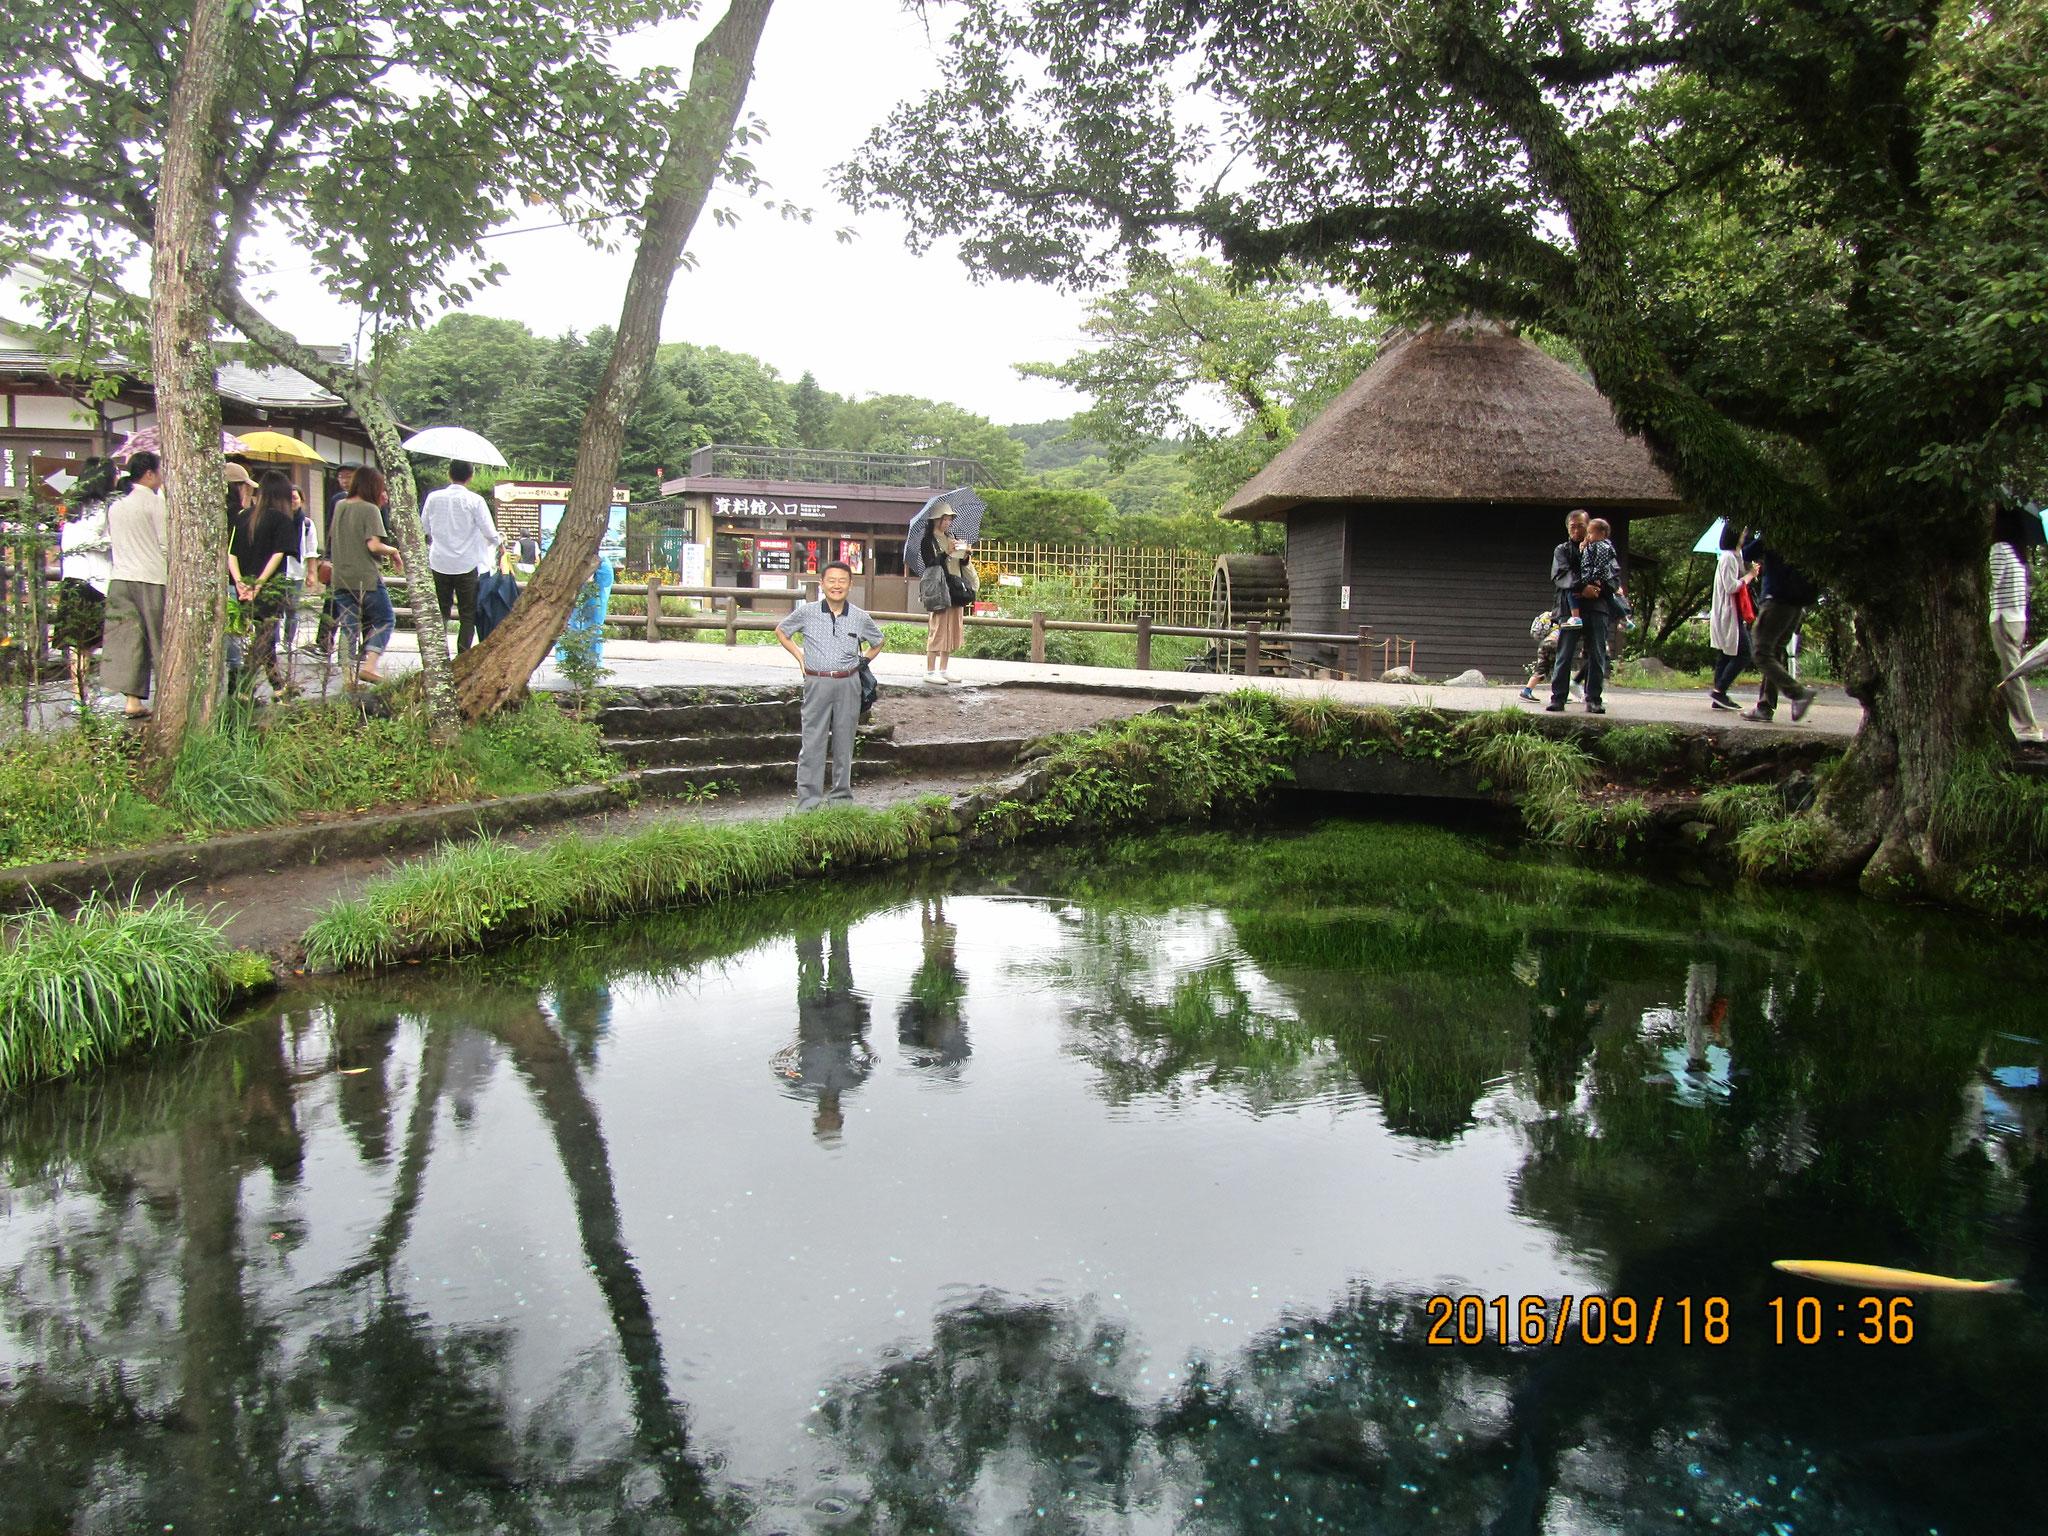 湧池(わくいけ)。忍野八海を代表する池です。昔、富士山が噴火した際、人々はすべてを焼き尽くす熱に襲われました。喉の渇きや火事を消すために人々が水を求めて叫びました。